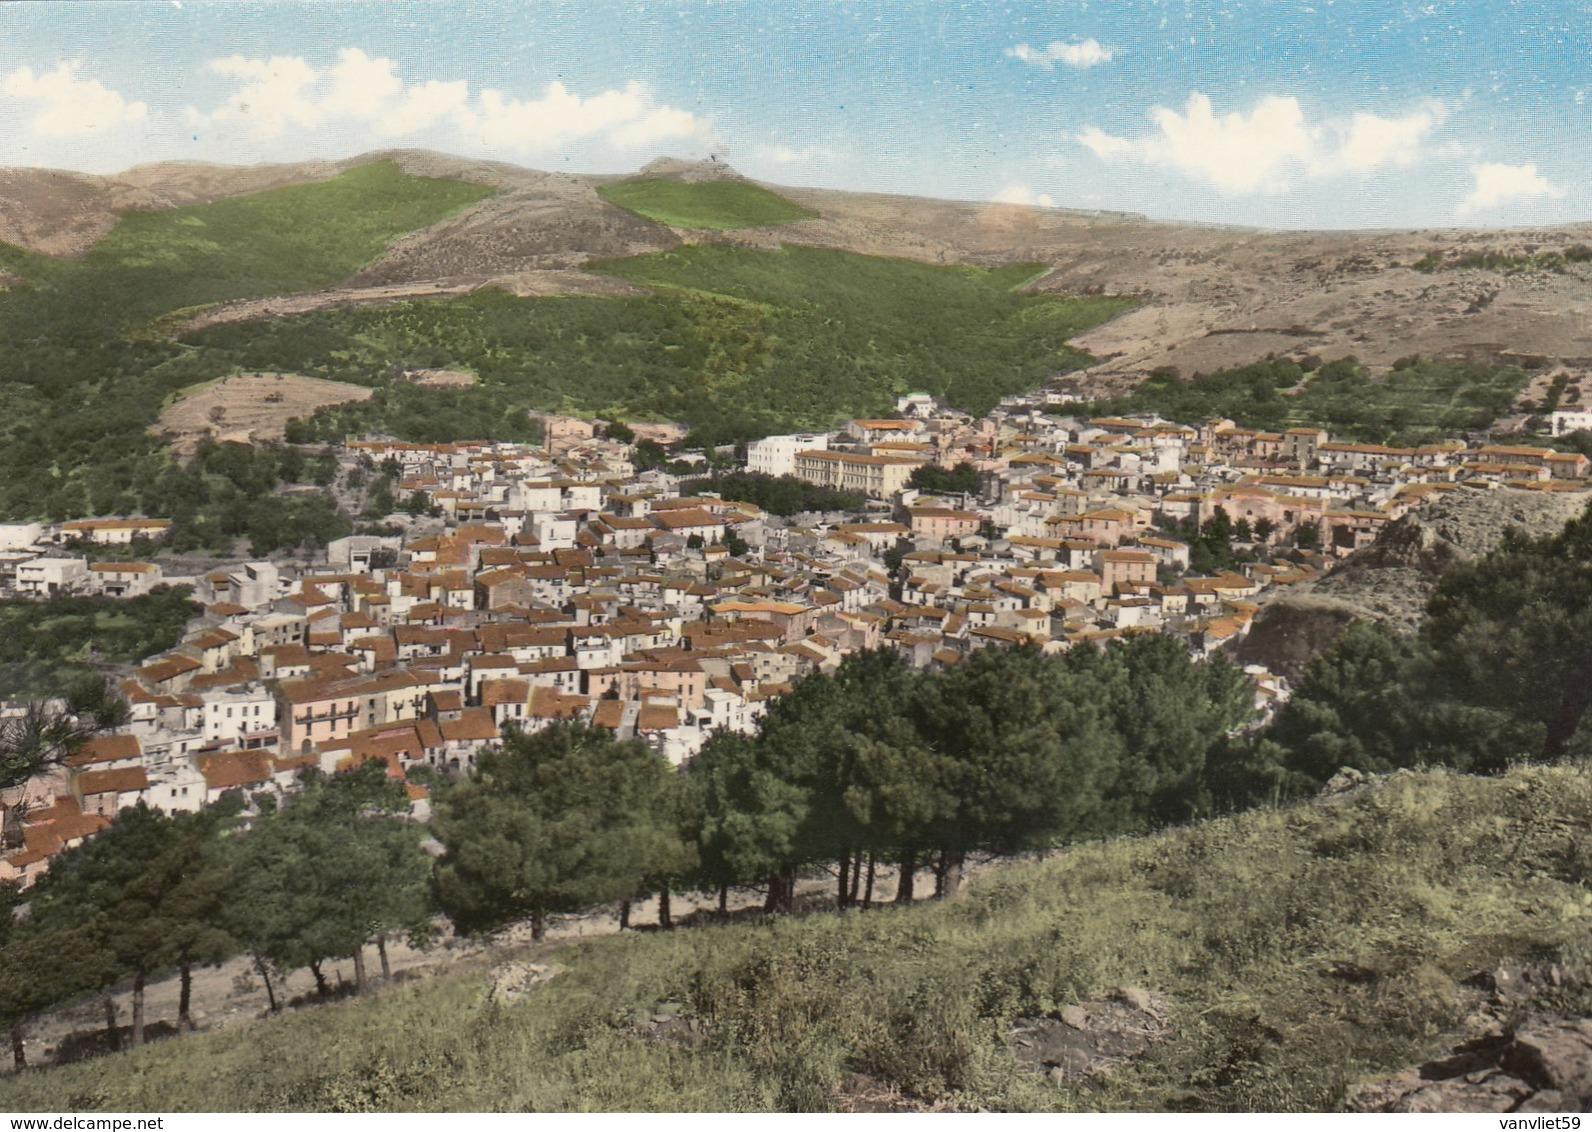 SANTU LUSSURGIU-ORISTANO-CARTOLINA VERA FOTOGRAFIA-VIAGGIATA IL 20-8-1966 - Oristano